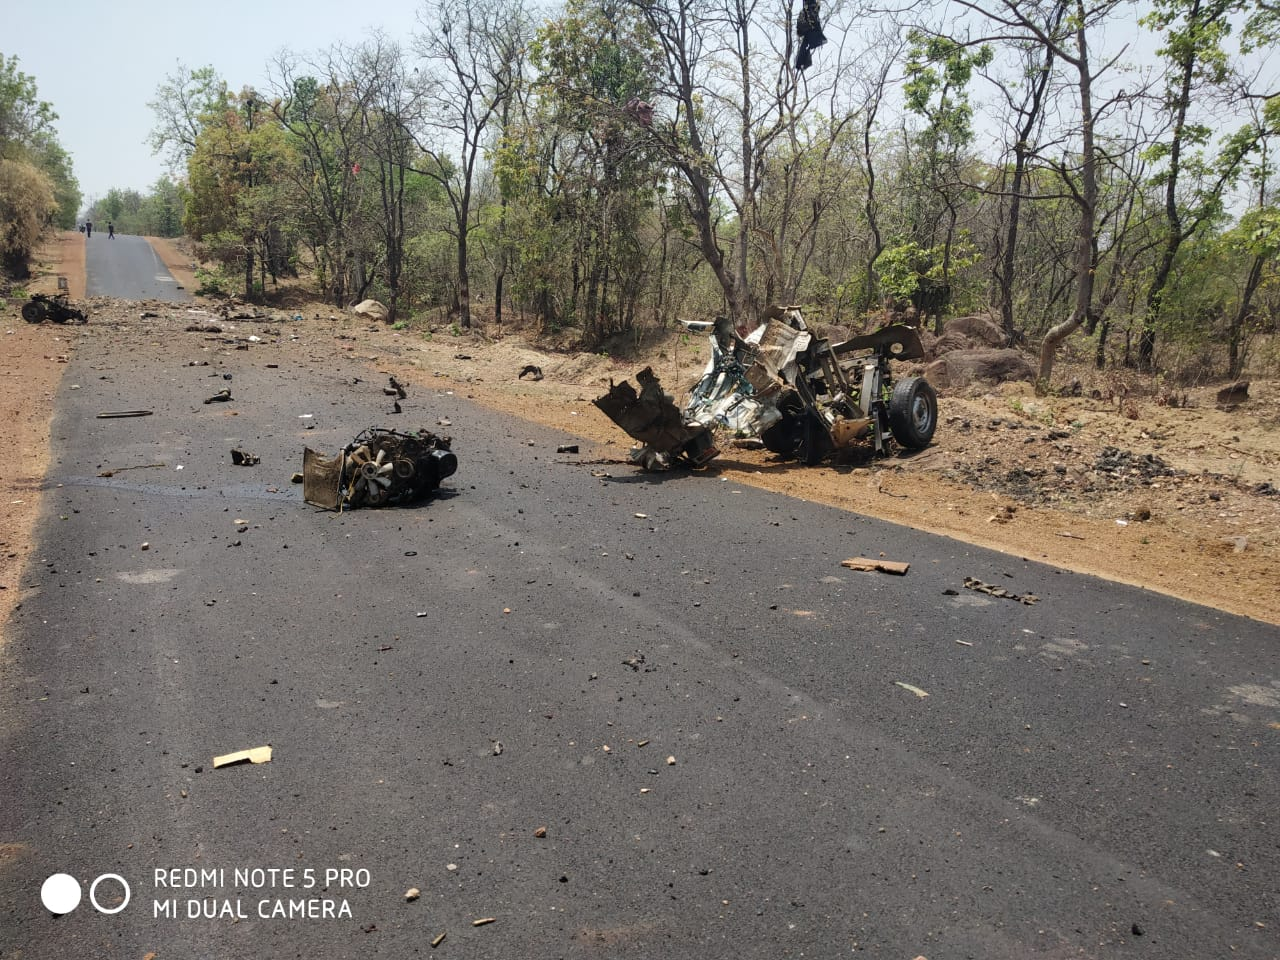 या हल्ल्यात 15 जवान शहीद झाल्याची भीती व्यक्त होत आहे. 1 चालकही शहीद झाला; जवानांना गस्तीच्या ठिकाणी घेऊन जात असलेली गाडी भूसुरुंग स्फोट करून उडवली.